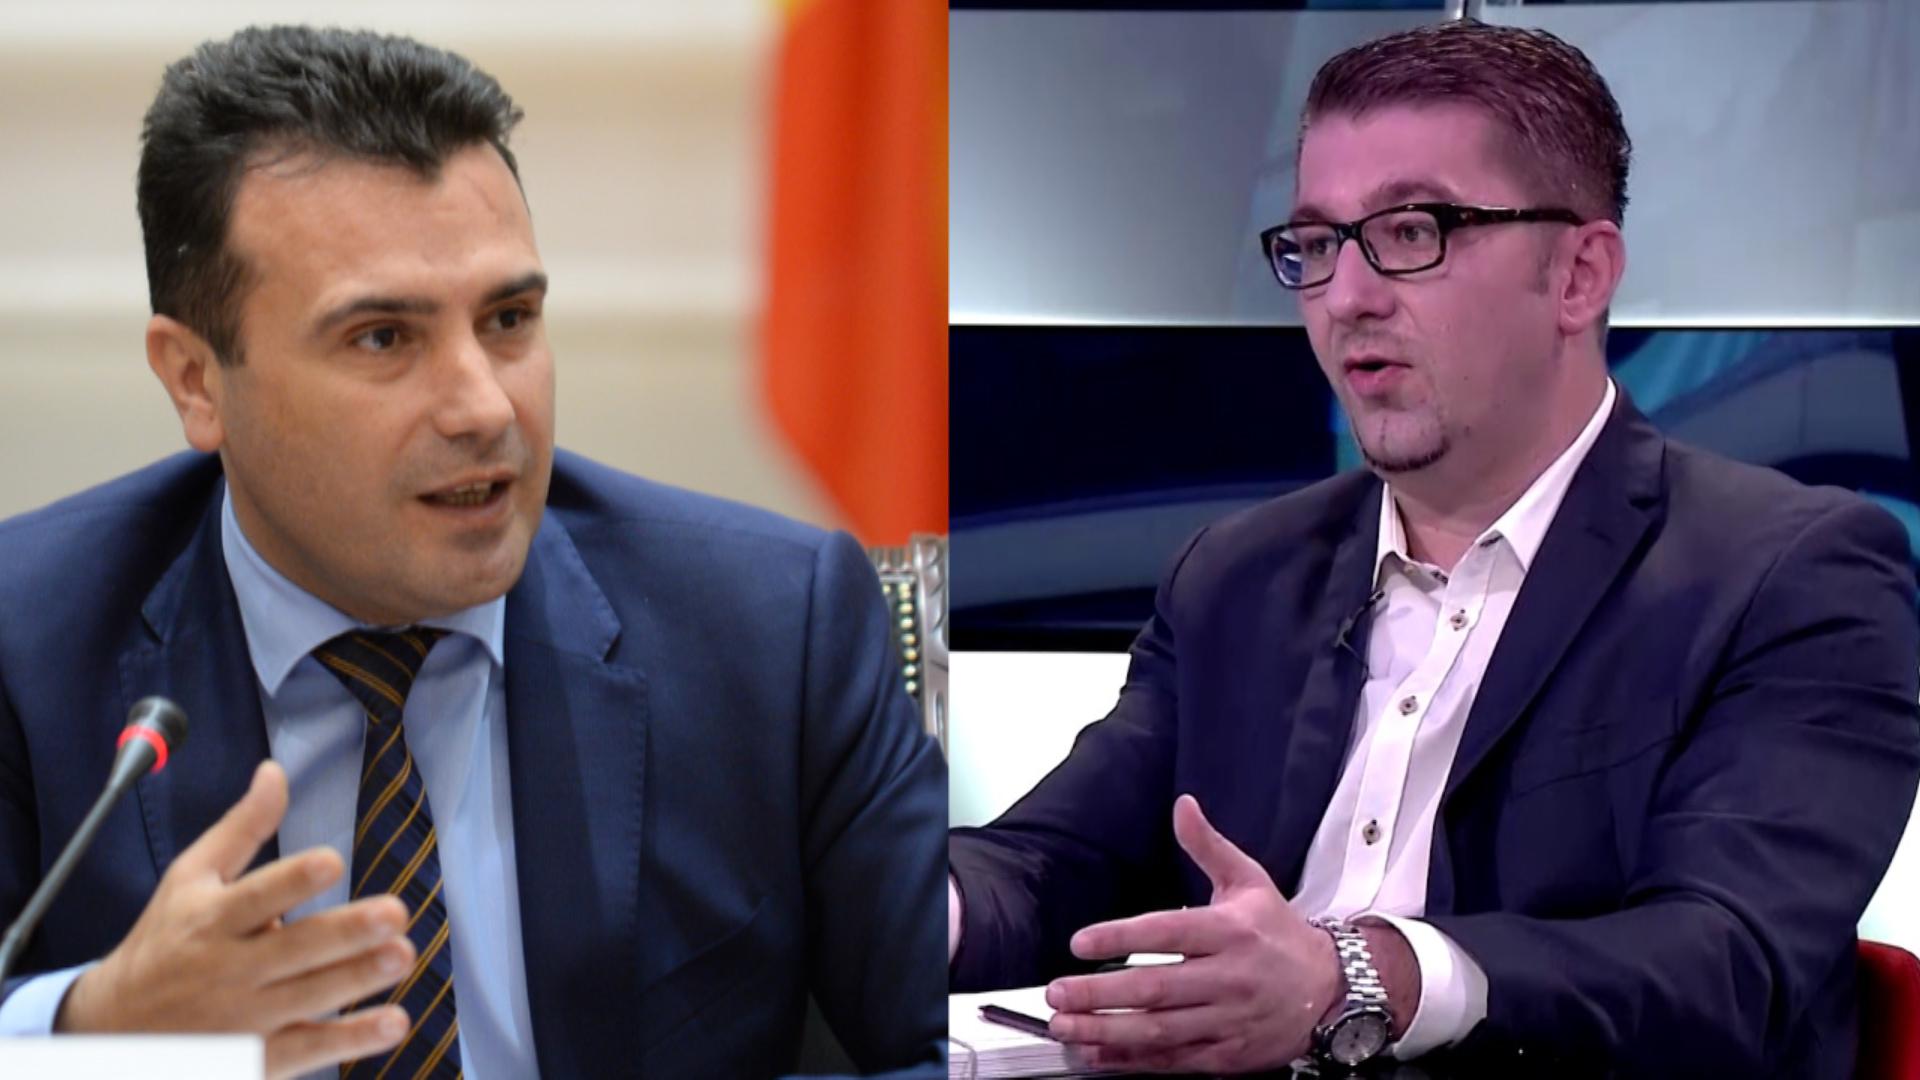 Βόρεια Μακεδονία: Μεταρρυθμίσεις στο δικαστικό σώμα, Κυβέρνηση και Αντιπολίτευση σε διάσταση